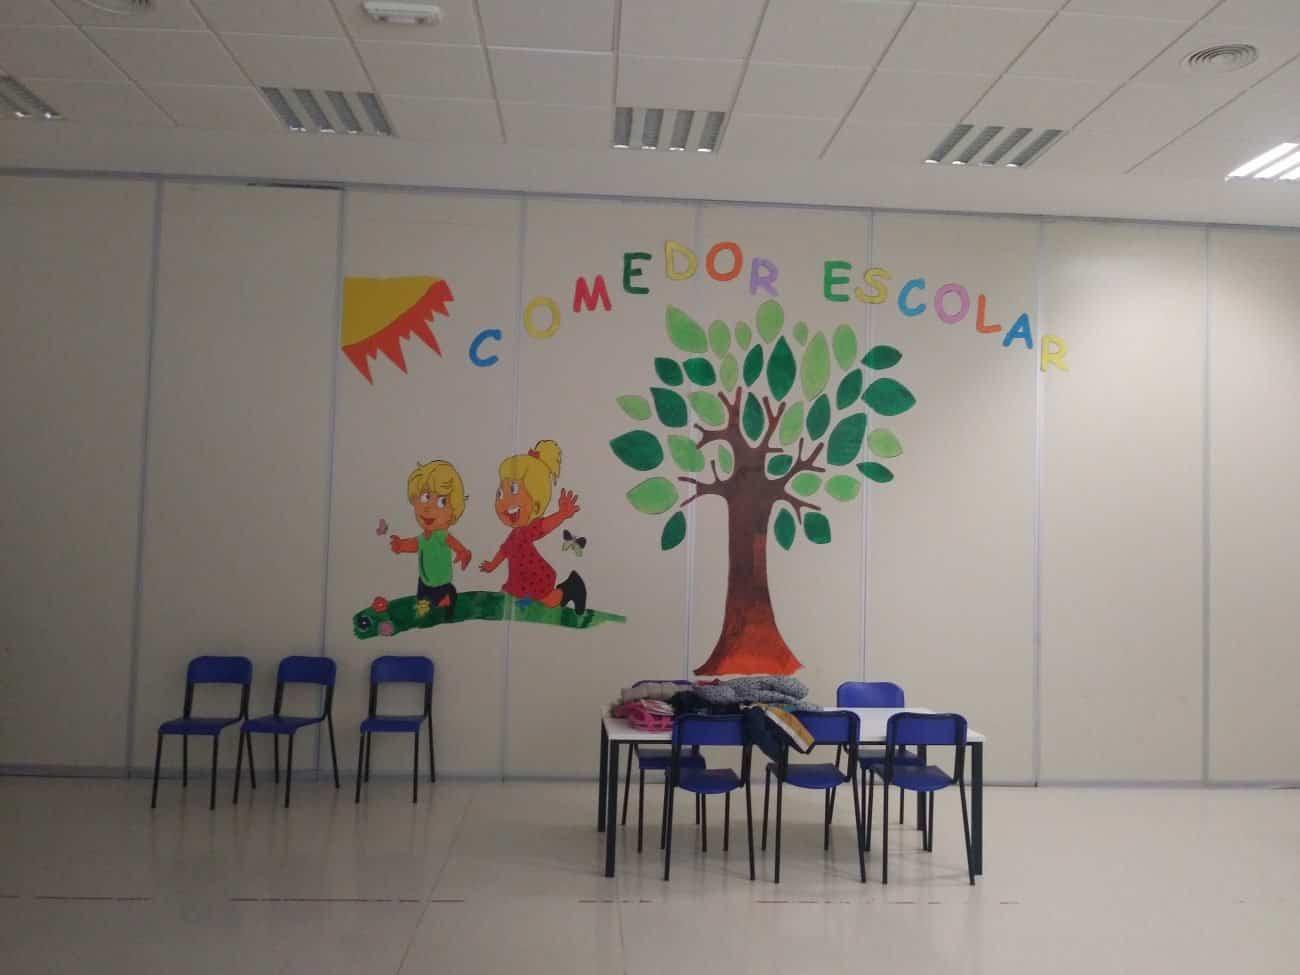 El servicio de comedor escolar estará disponible gracias a la colaboración entre Ayuntamiento y Consejería de Educación 3